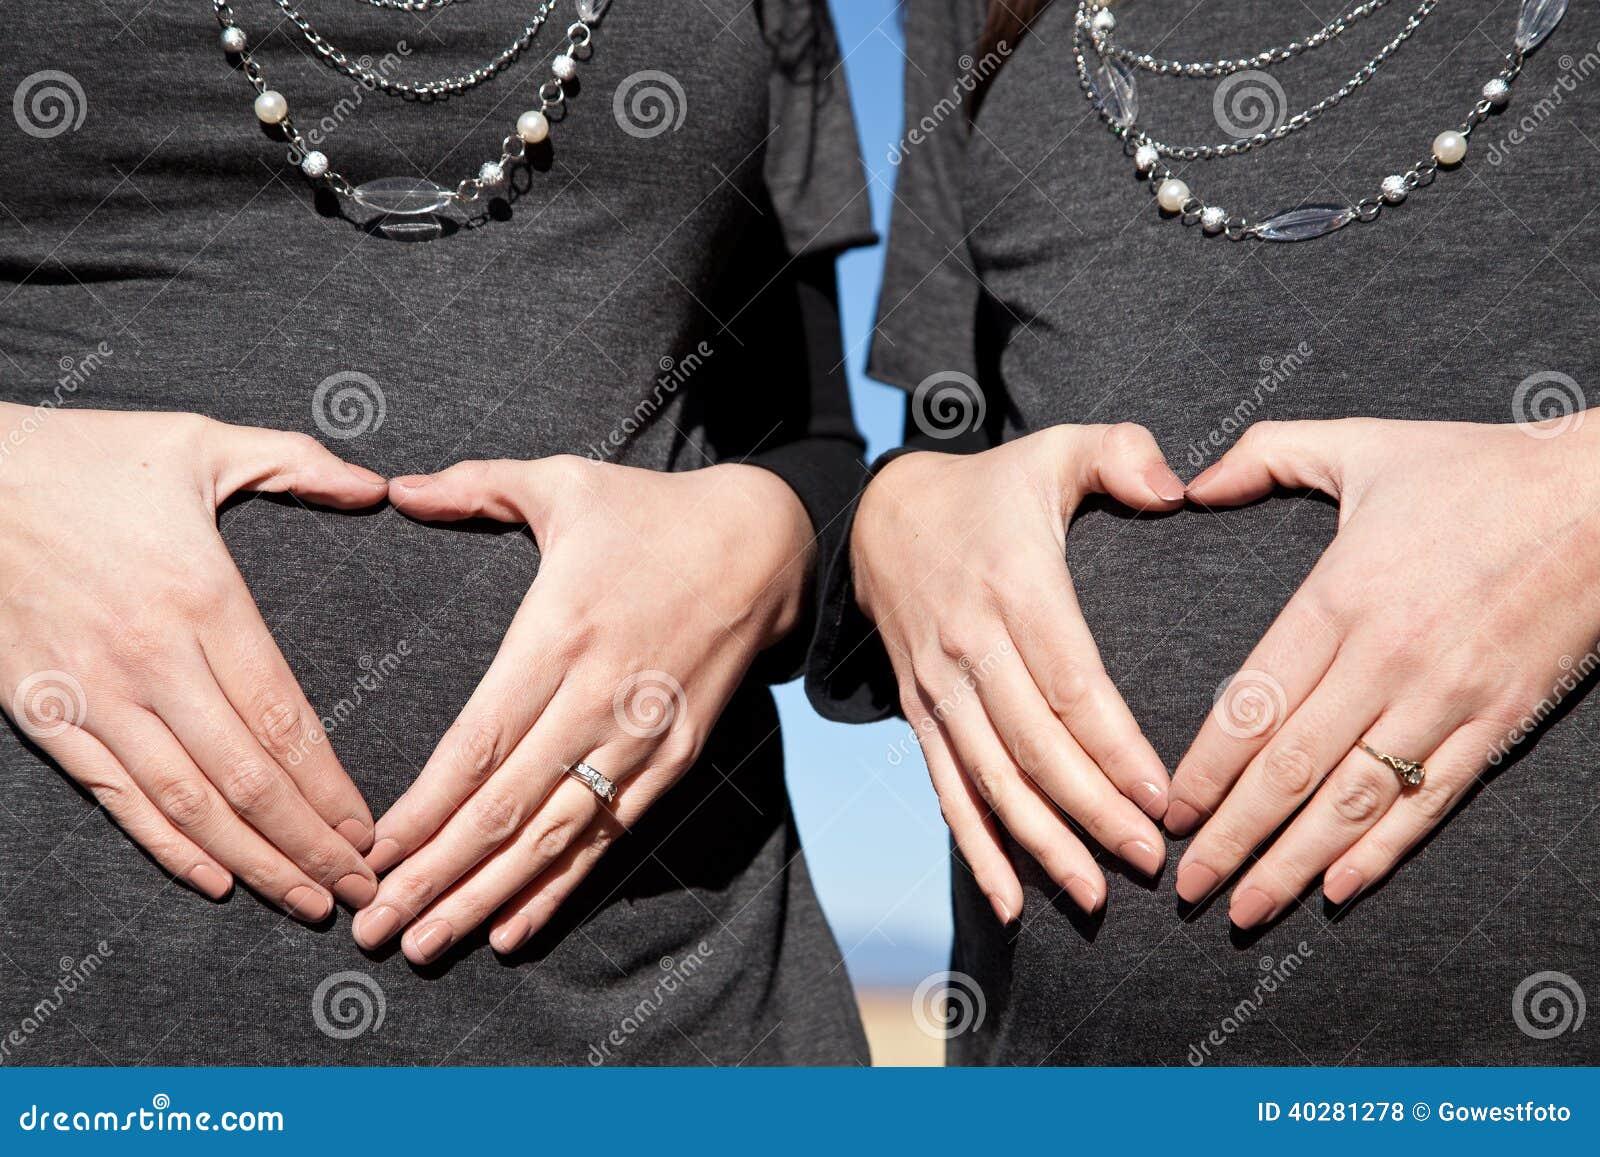 Всход материнства 2 беременных женщин